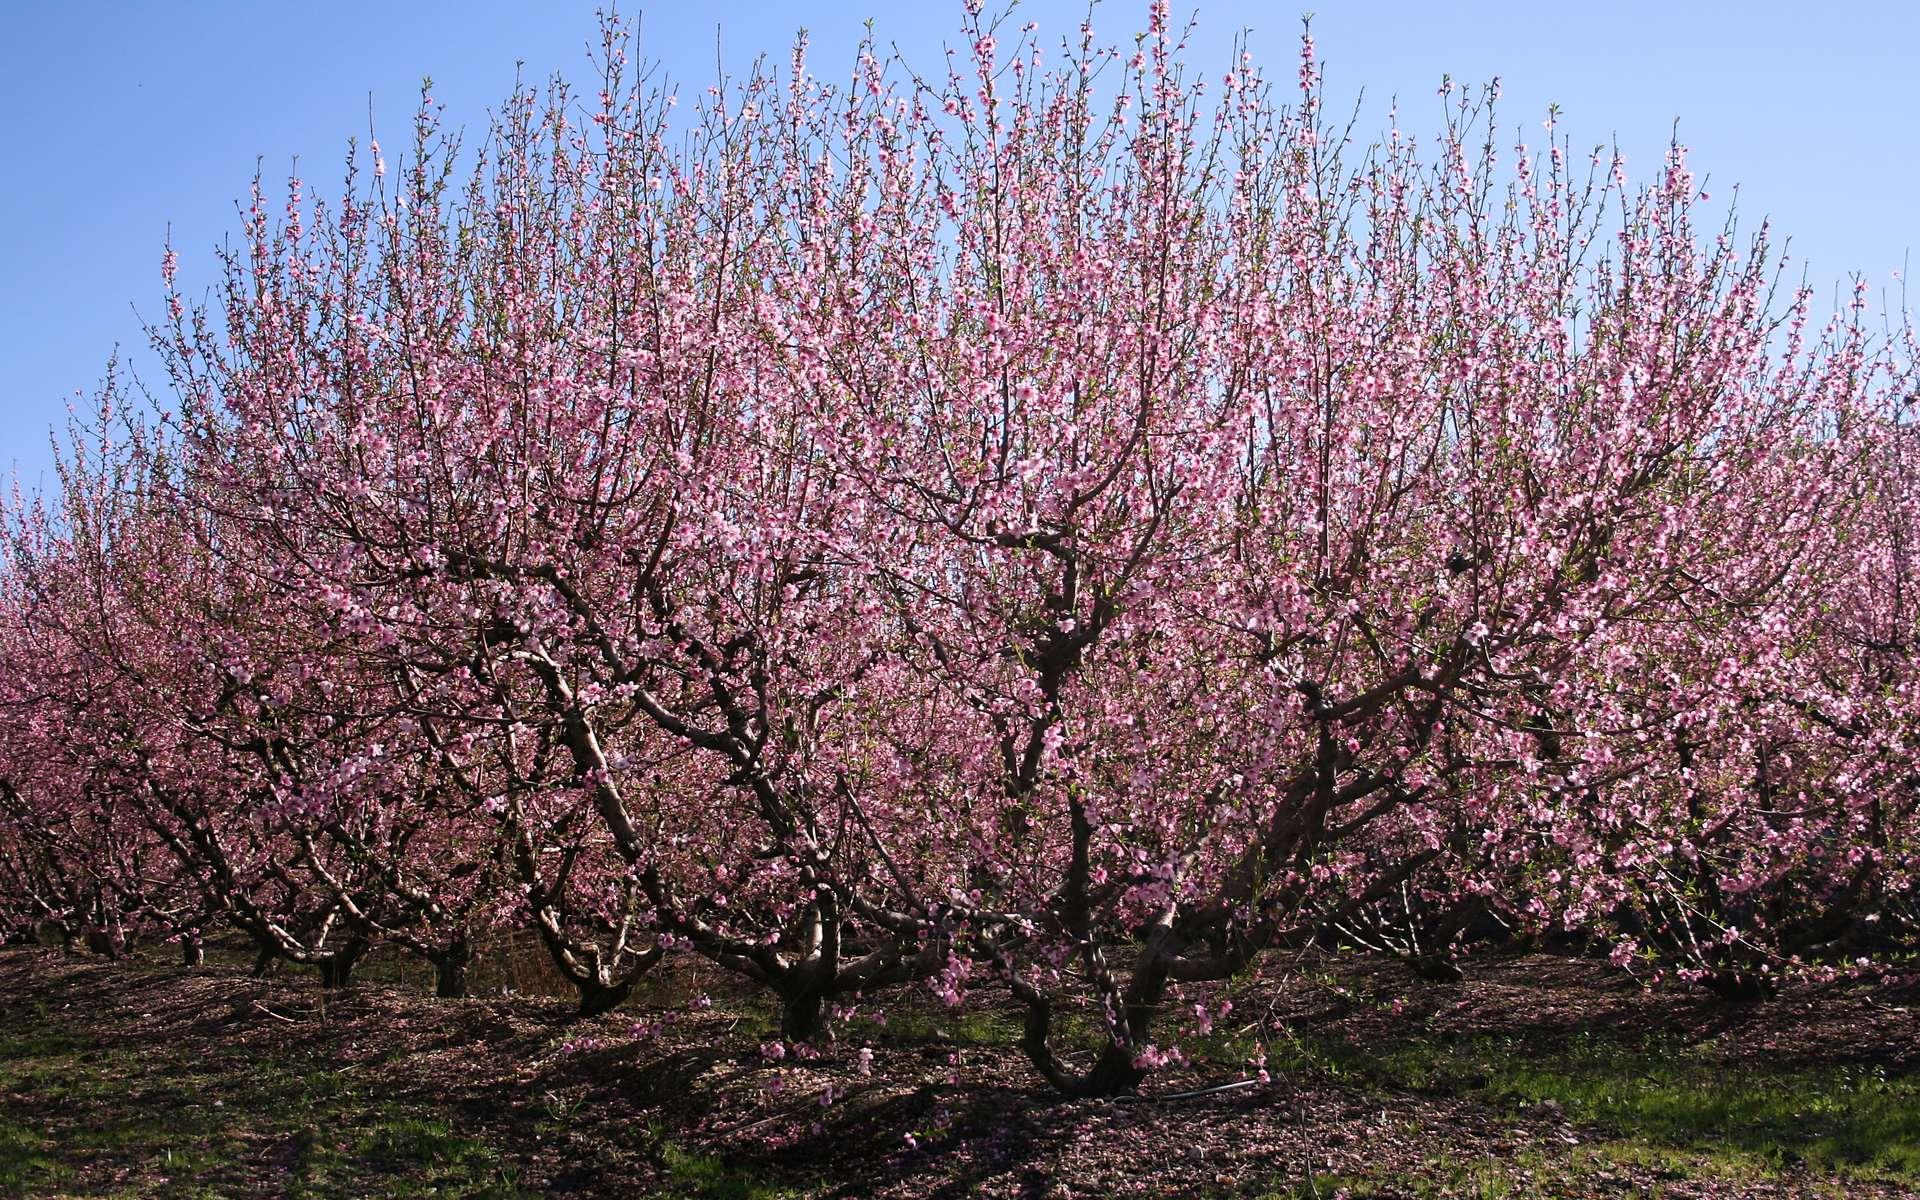 Tailler les arbres fruitiers permet d'en prendre soin et d'avoir un bon rendement l'été. © Traianeum, wikipedia, CC-BY-SA-3.0-2.5-2.0-1.0